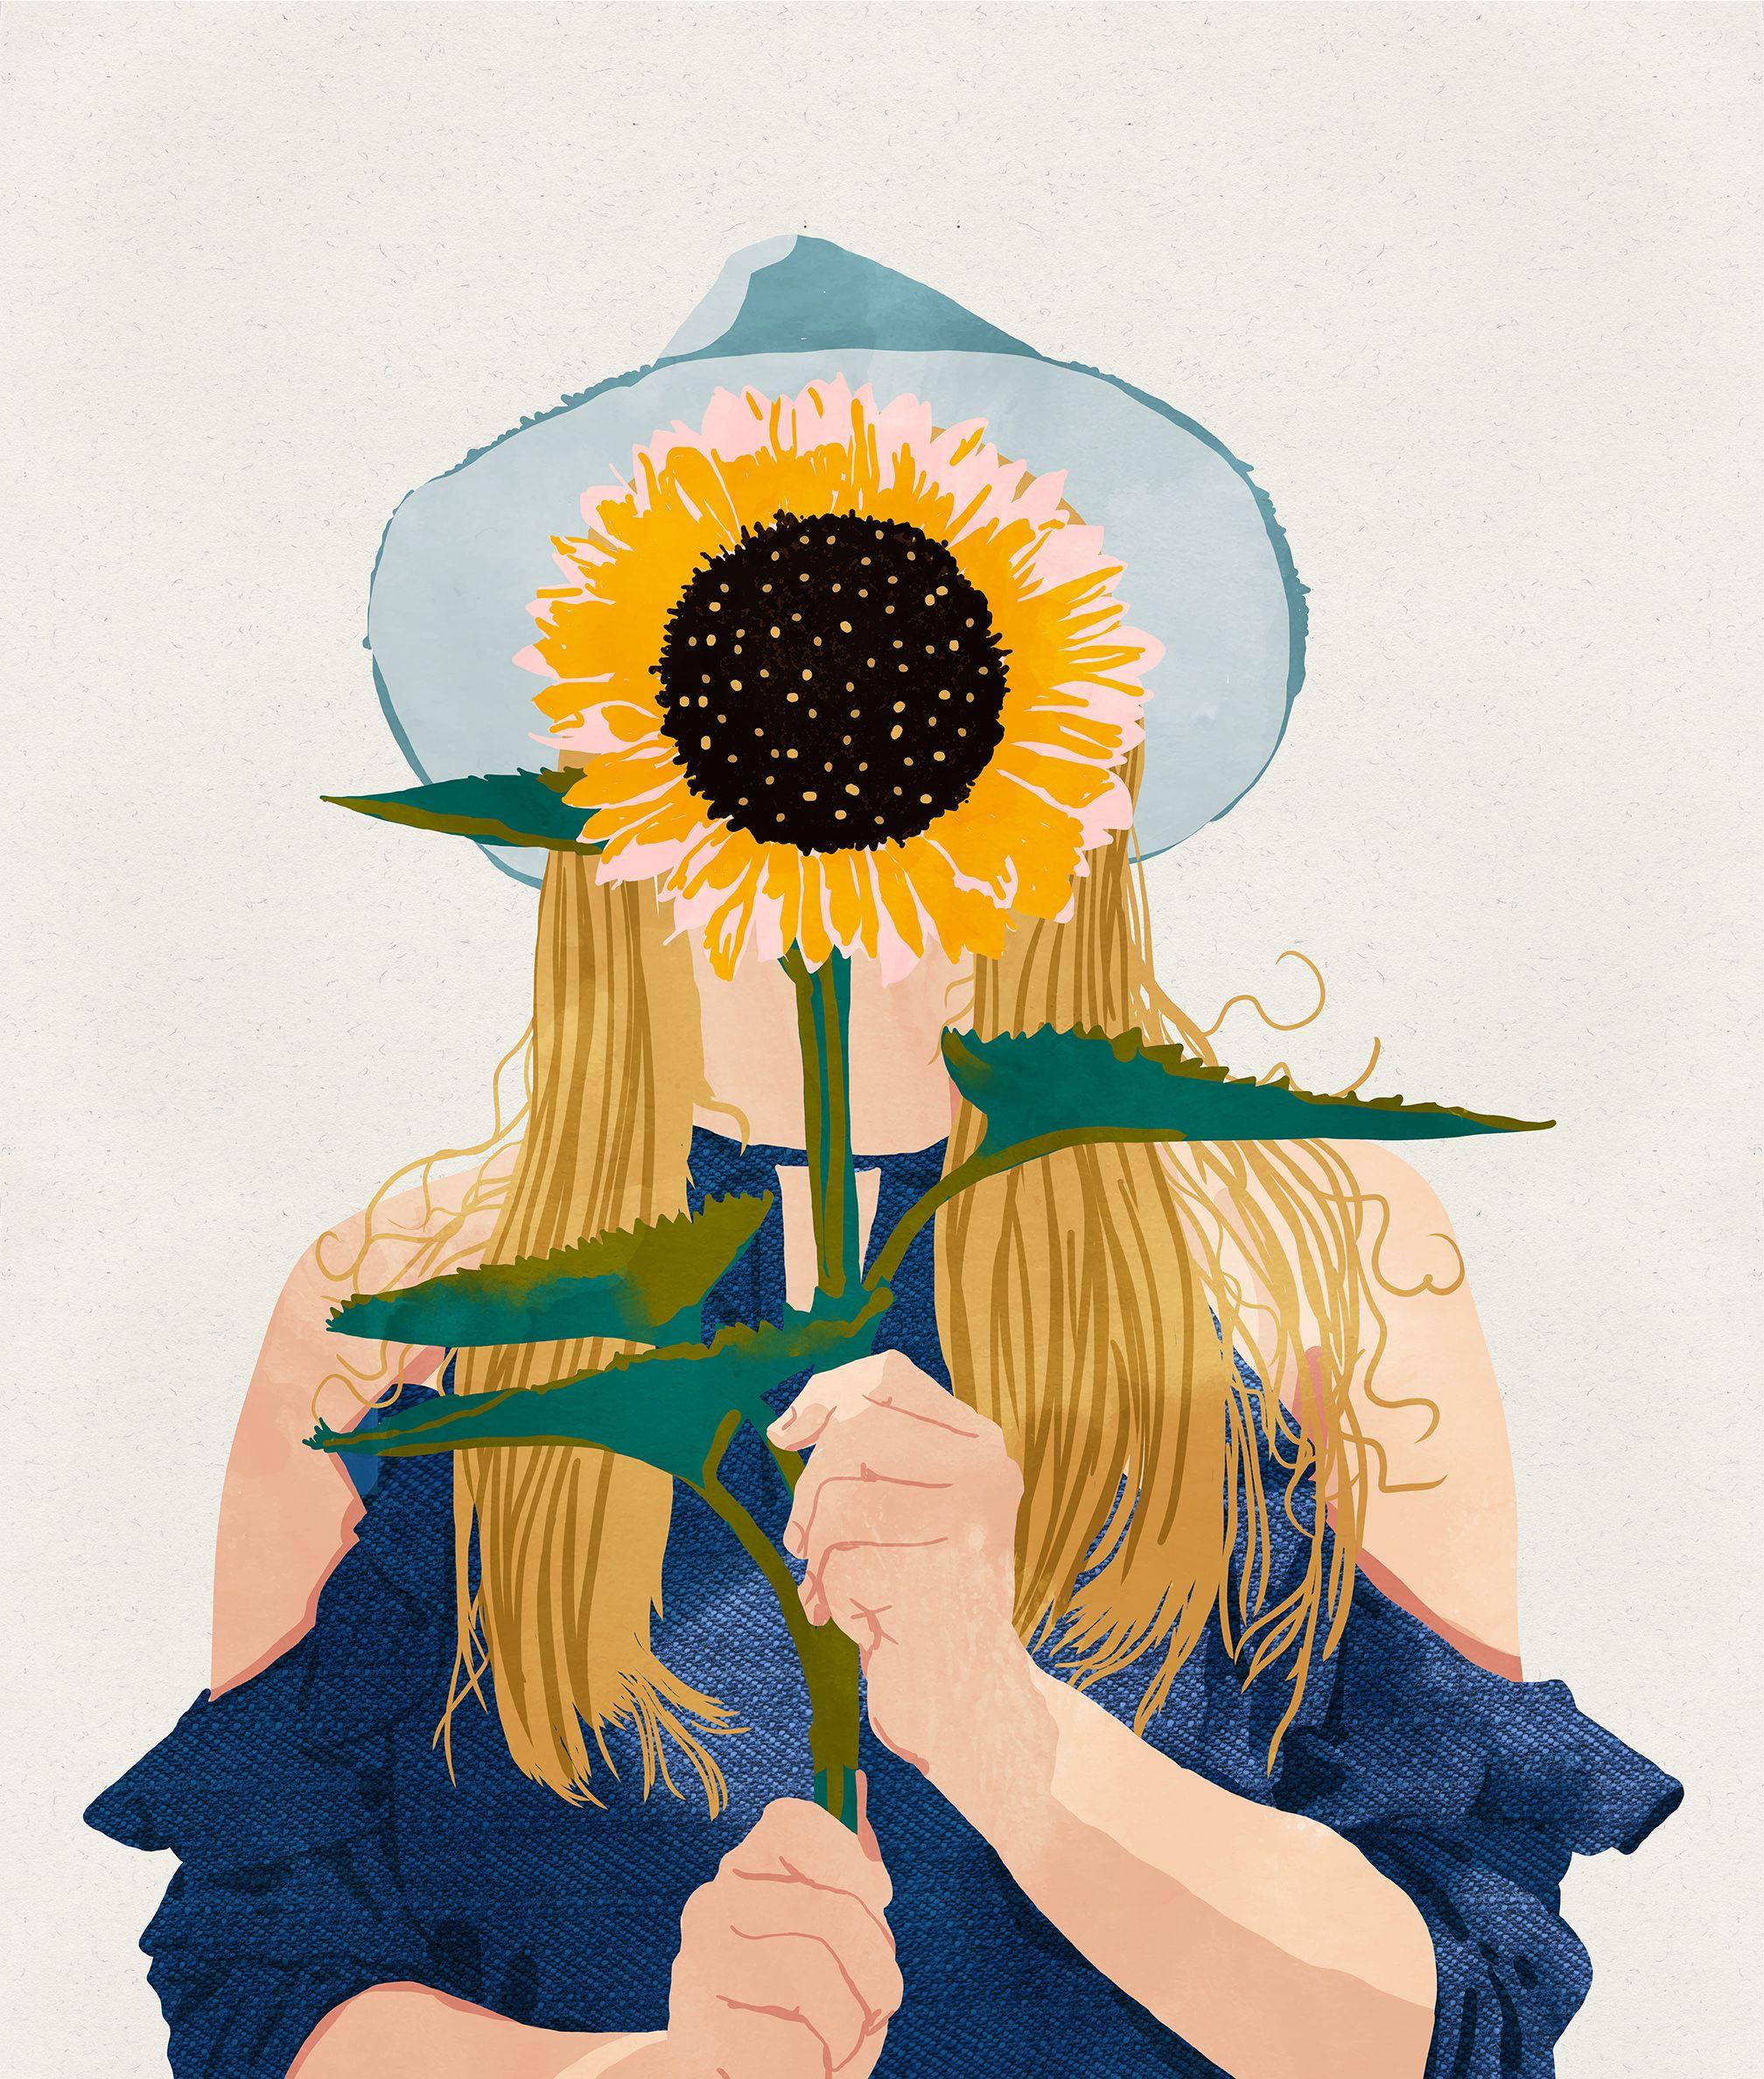 83 Oranges® | Sunflower illustration, Sunflower art ...